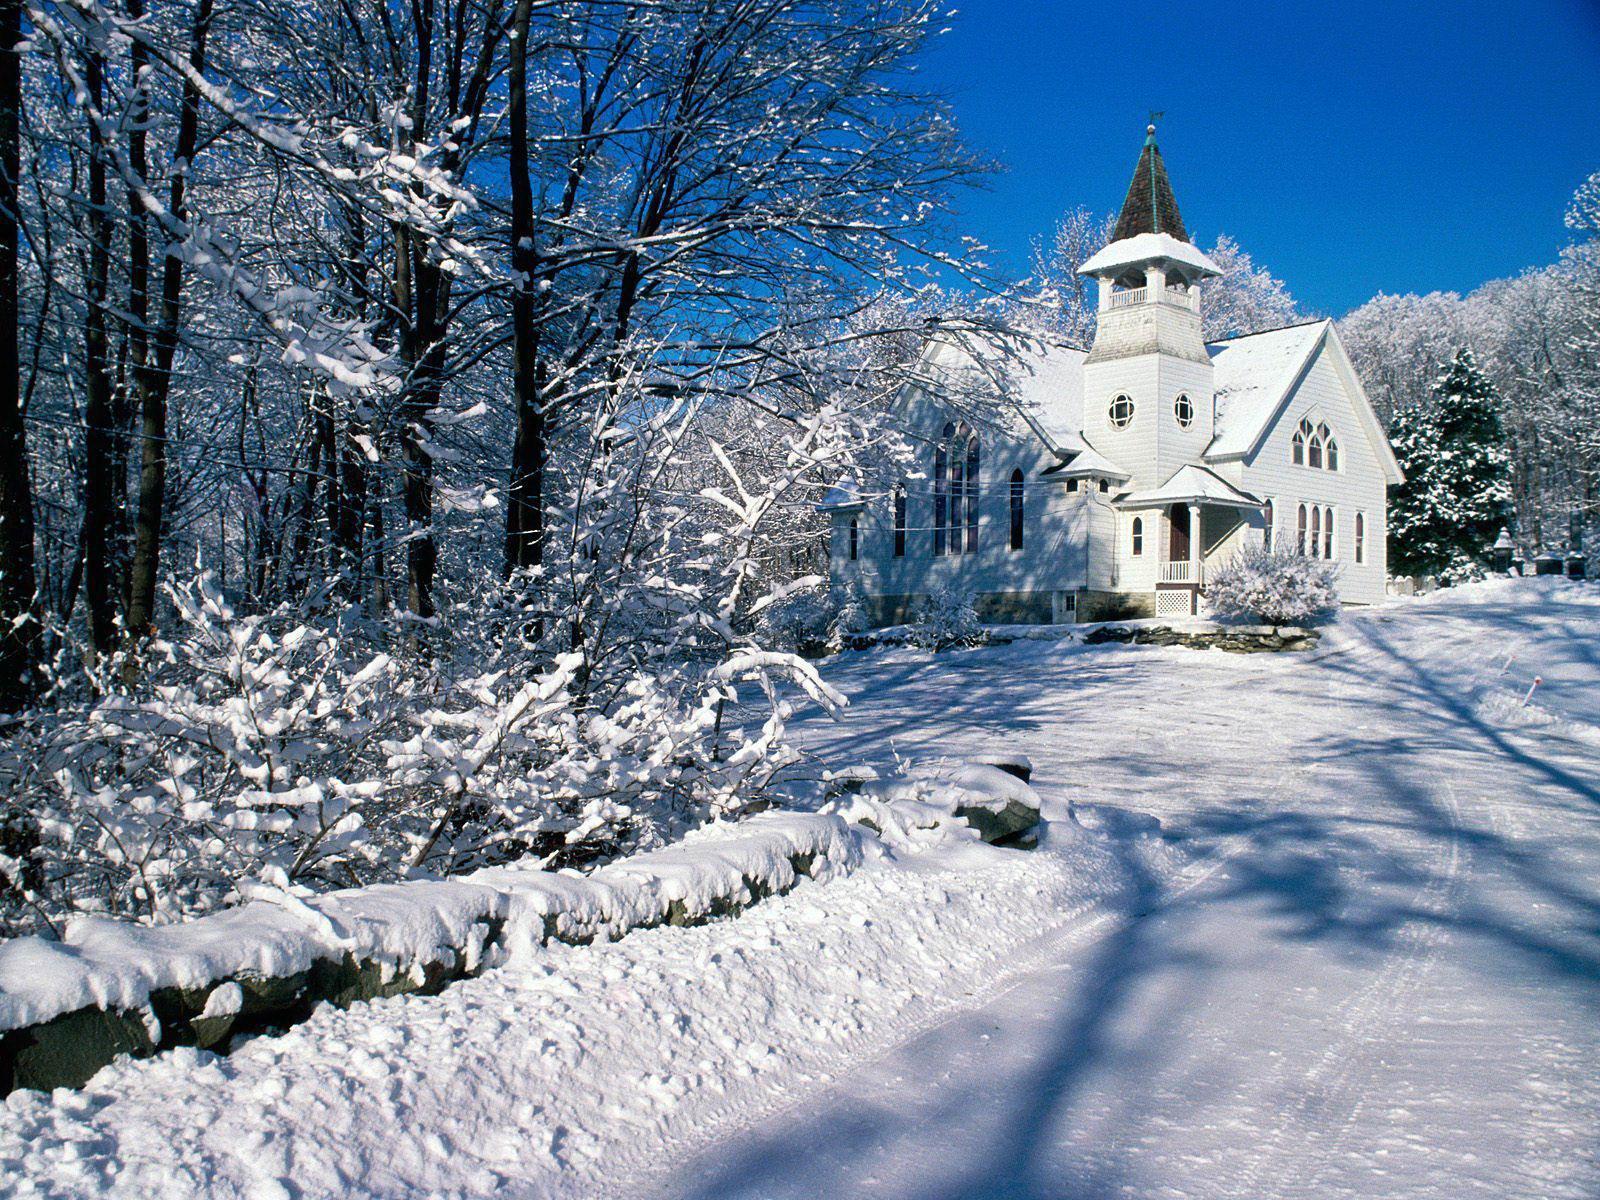 Winter landscapes wallpapers wallpaper cave for Desktop gratis inverno